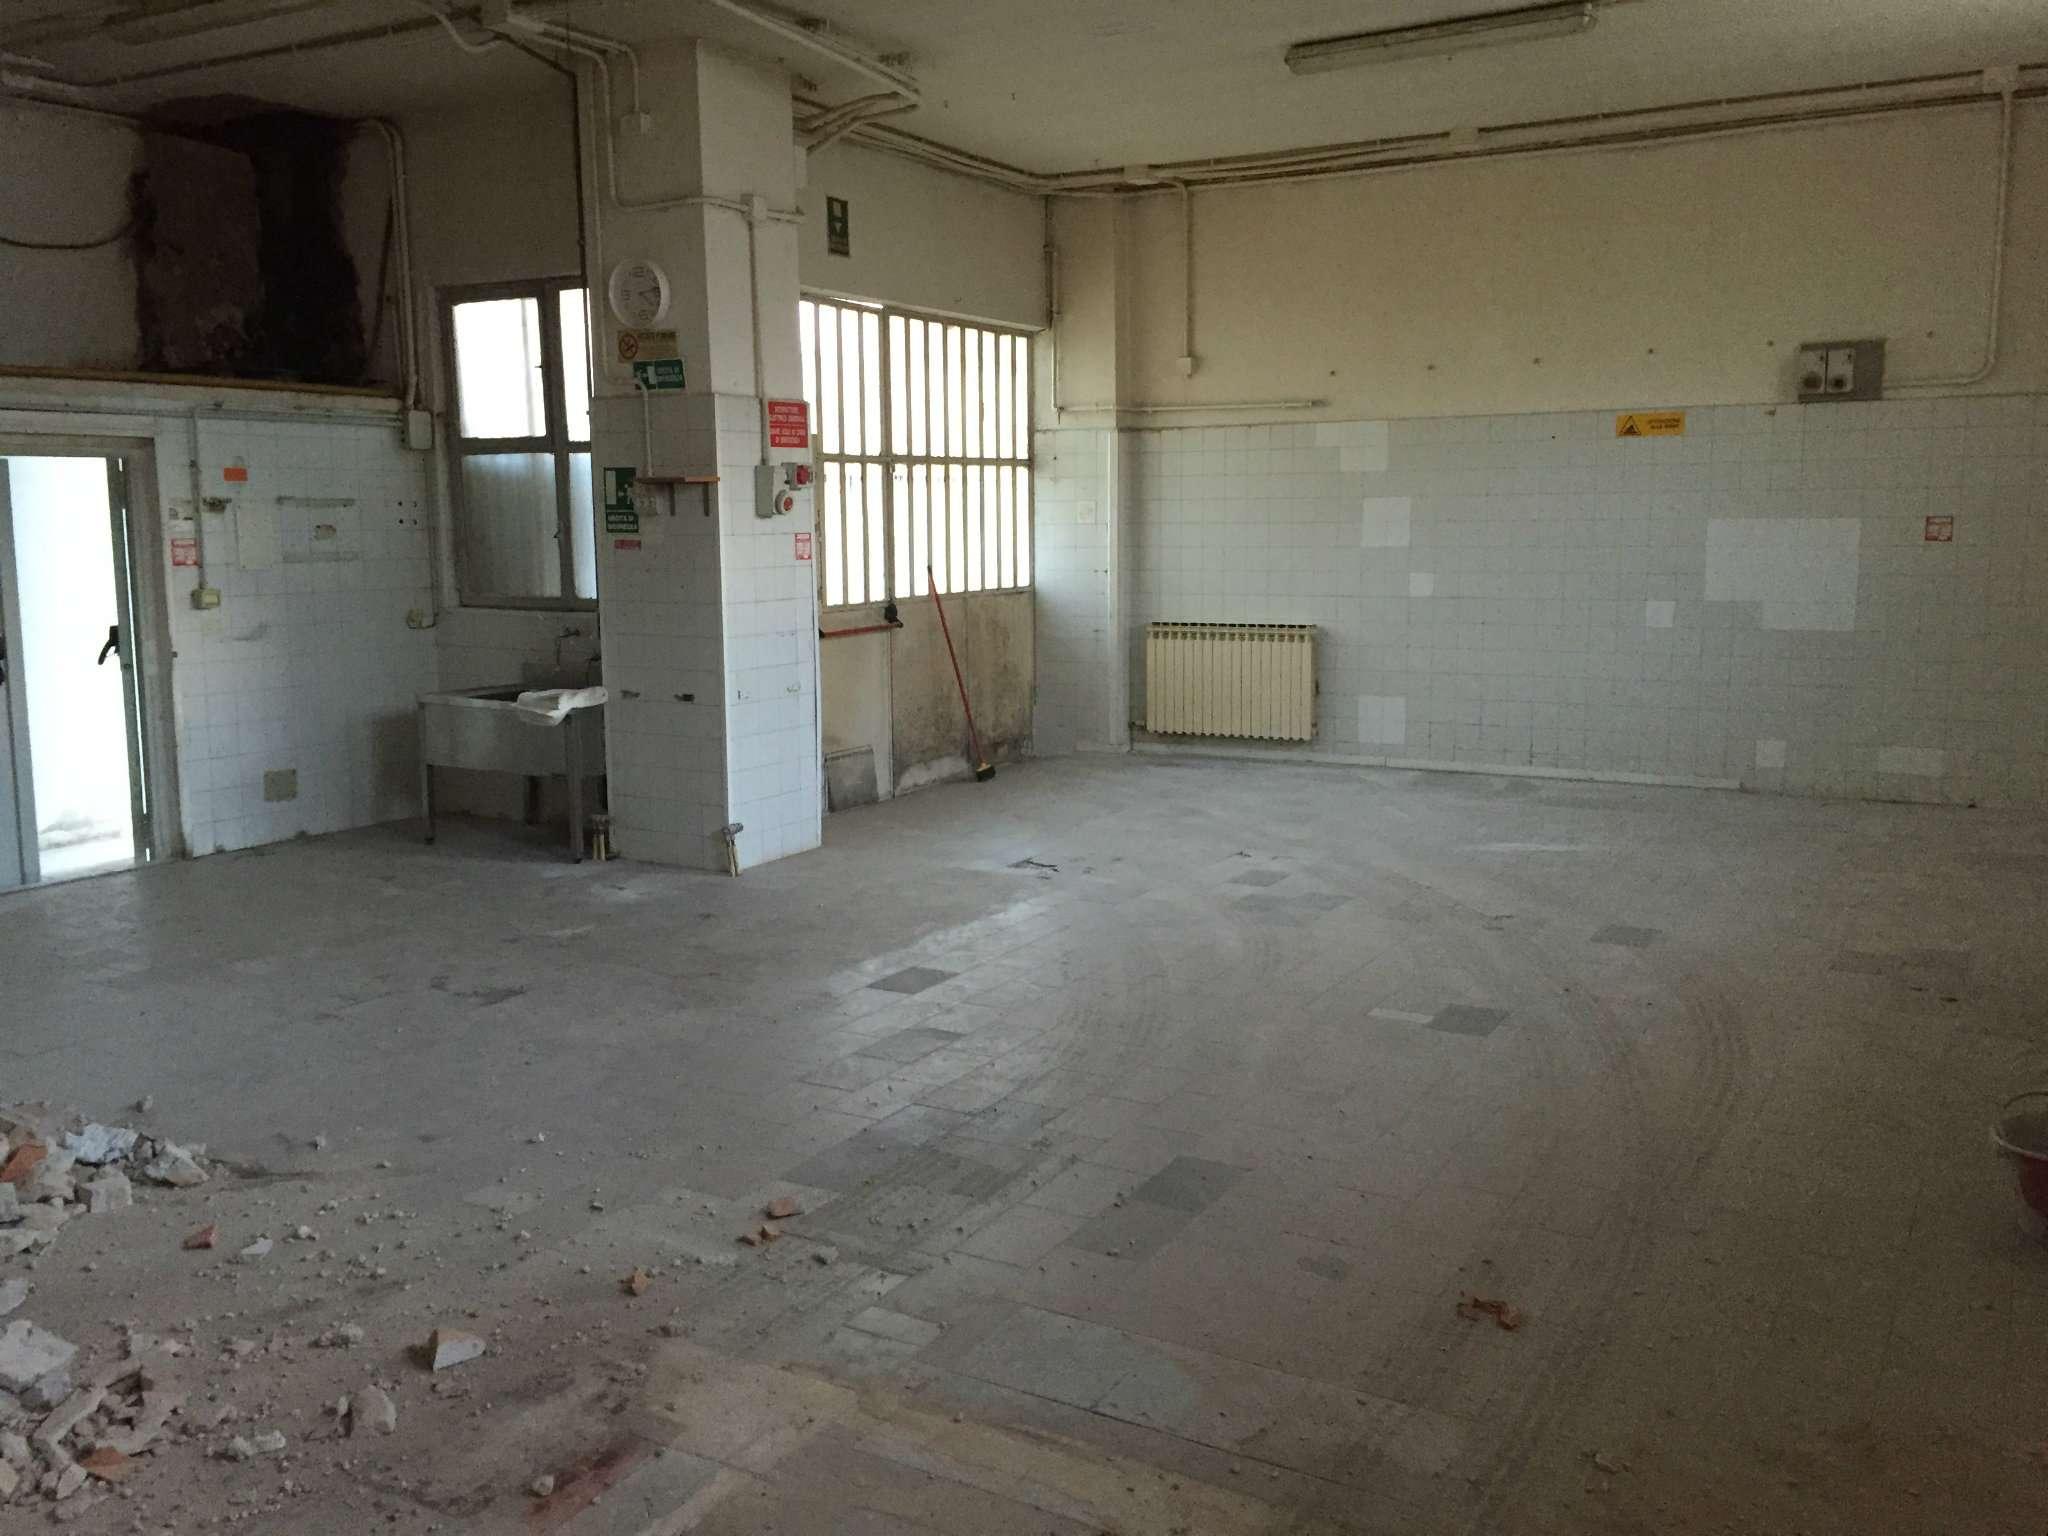 Laboratorio in affitto a Avigliana, 1 locali, prezzo € 500 | CambioCasa.it